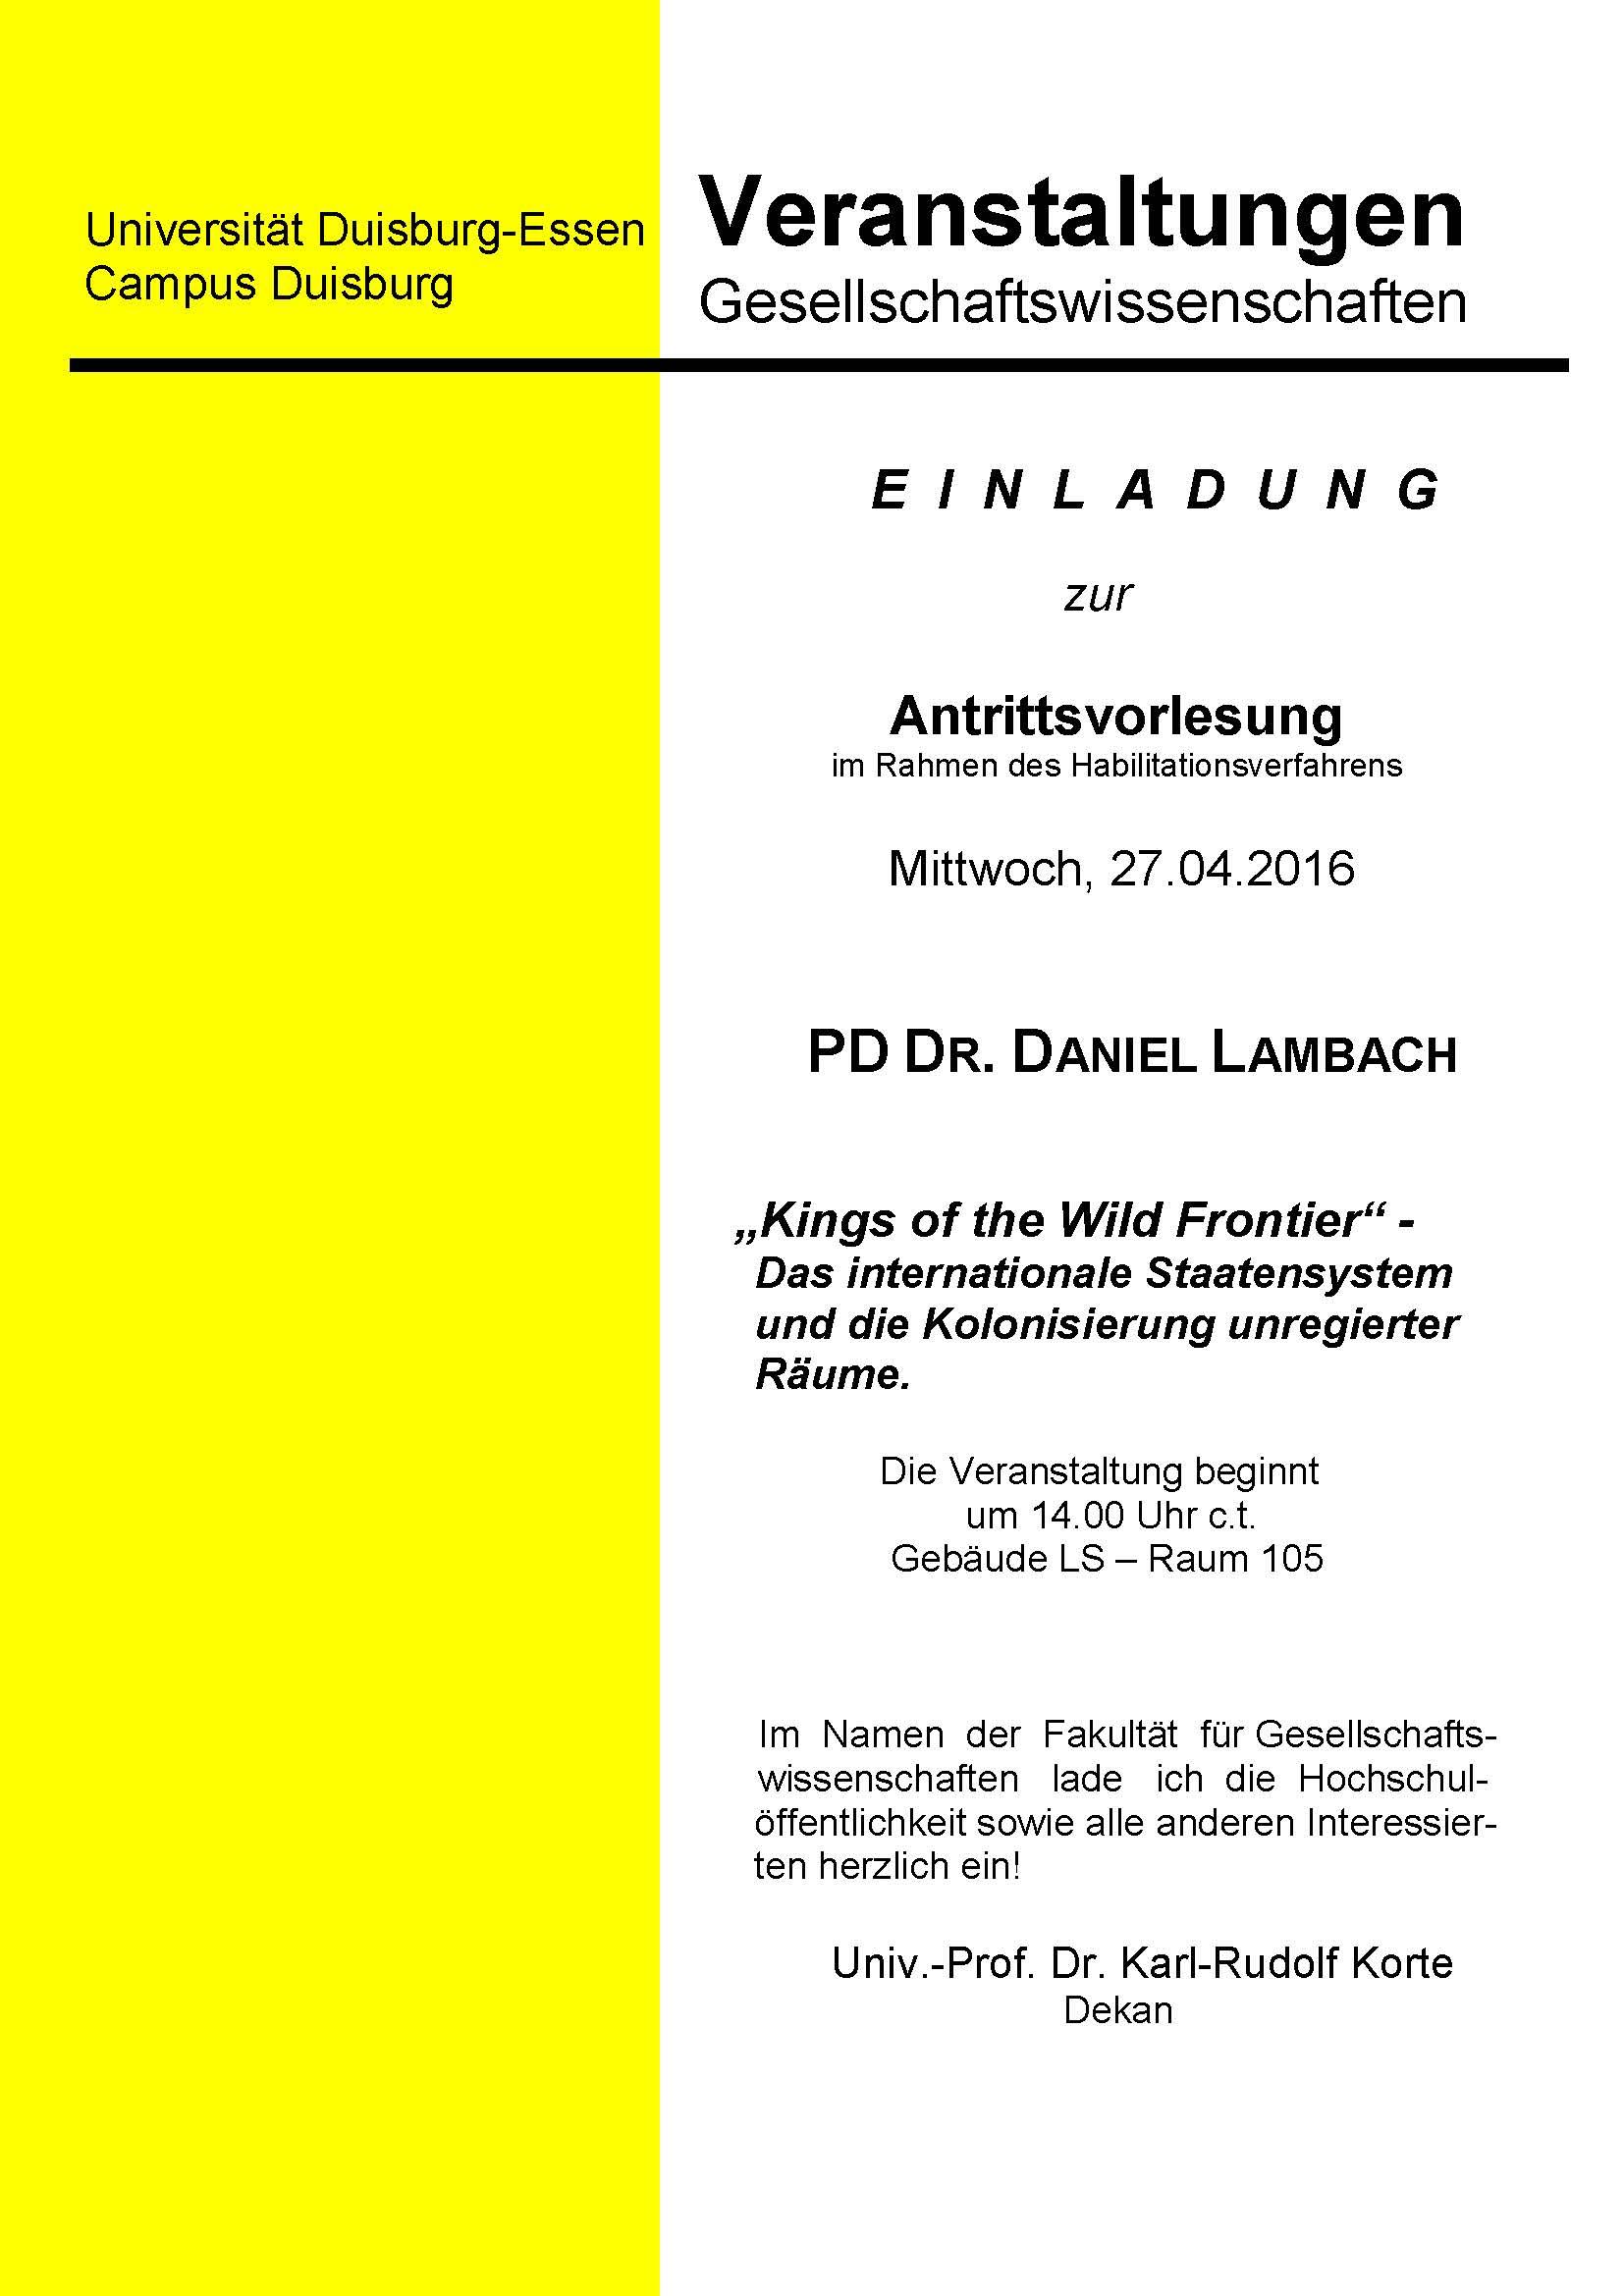 März 2016 Einladung Zur Antrittsvorlesung Von Daniel Lambach